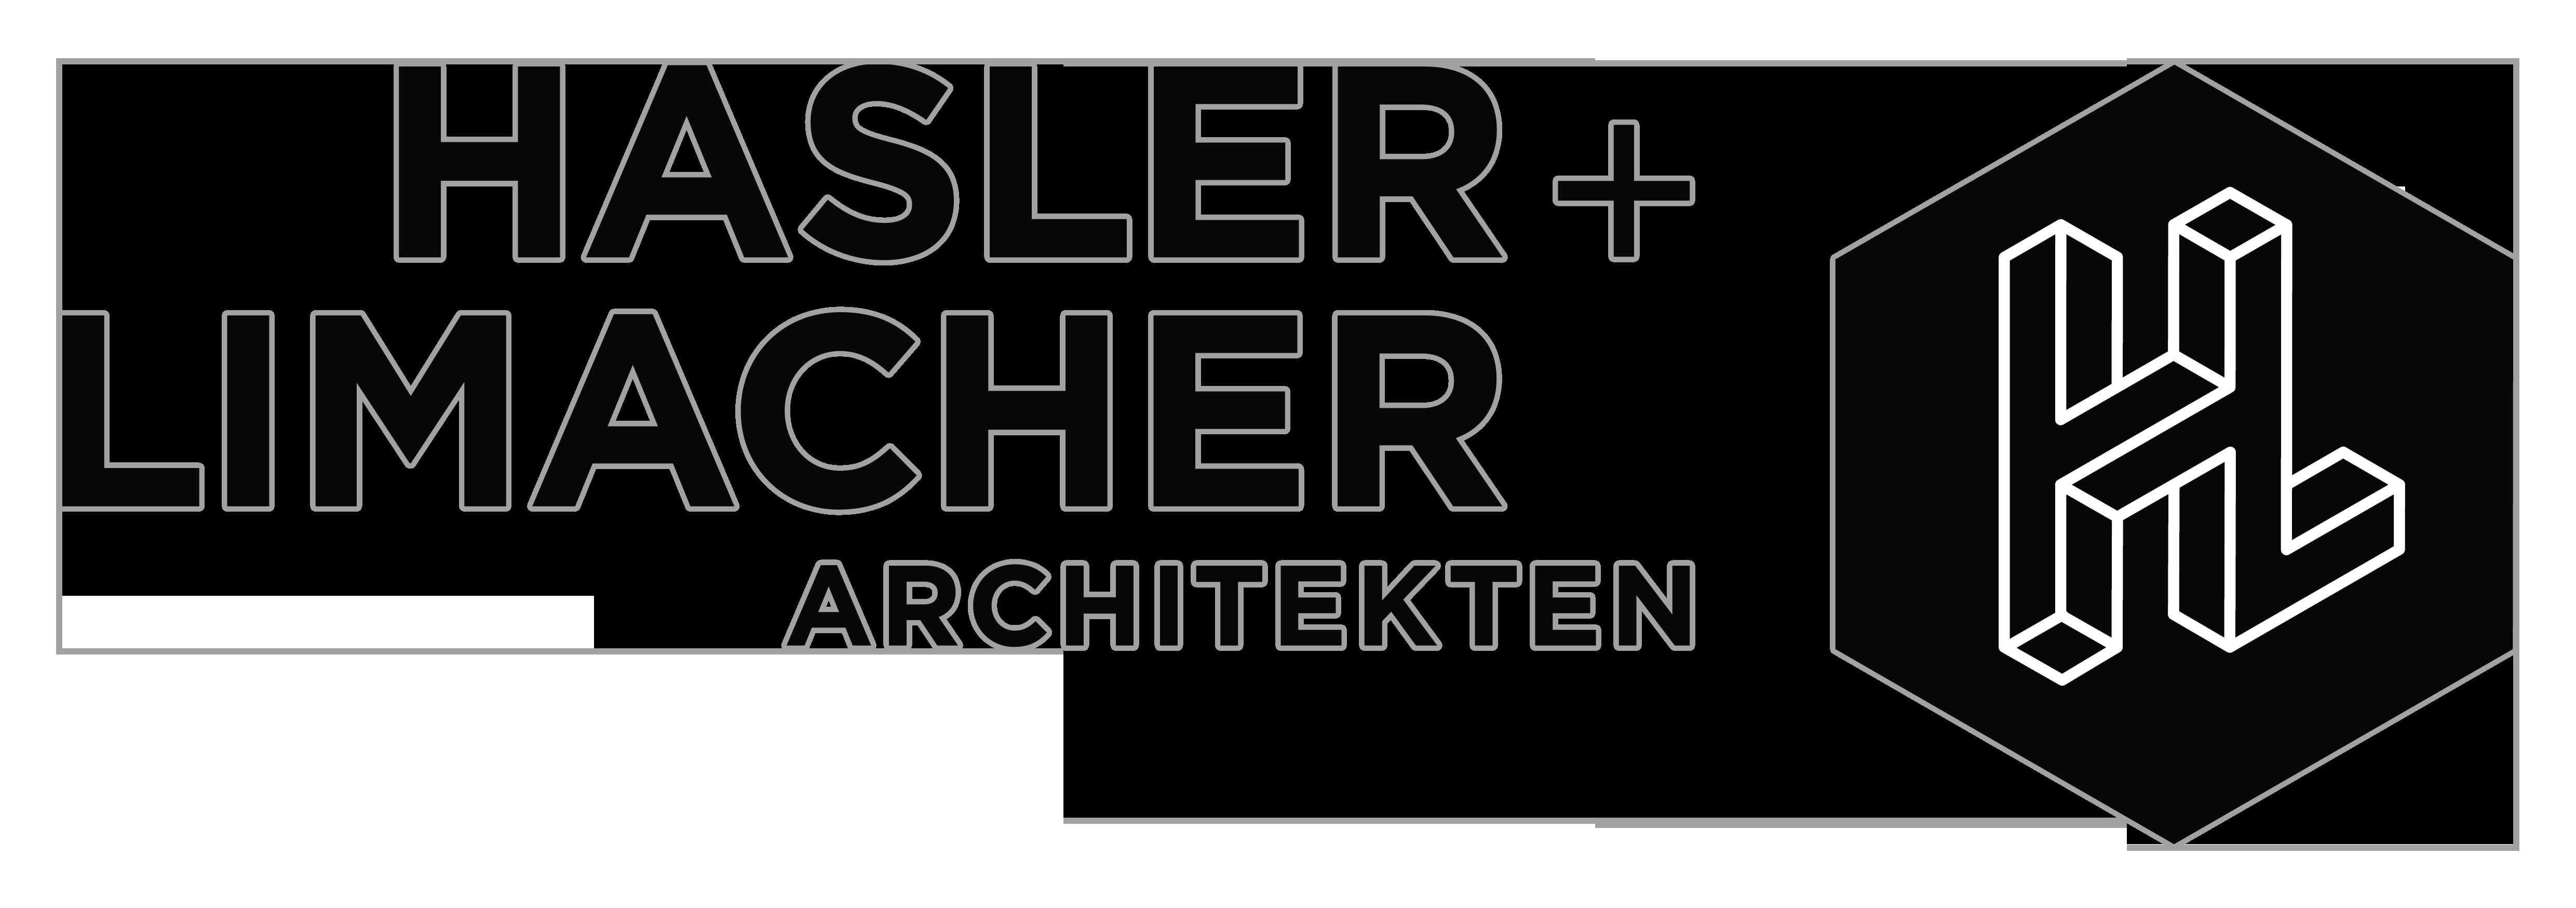 Hasler Limacher